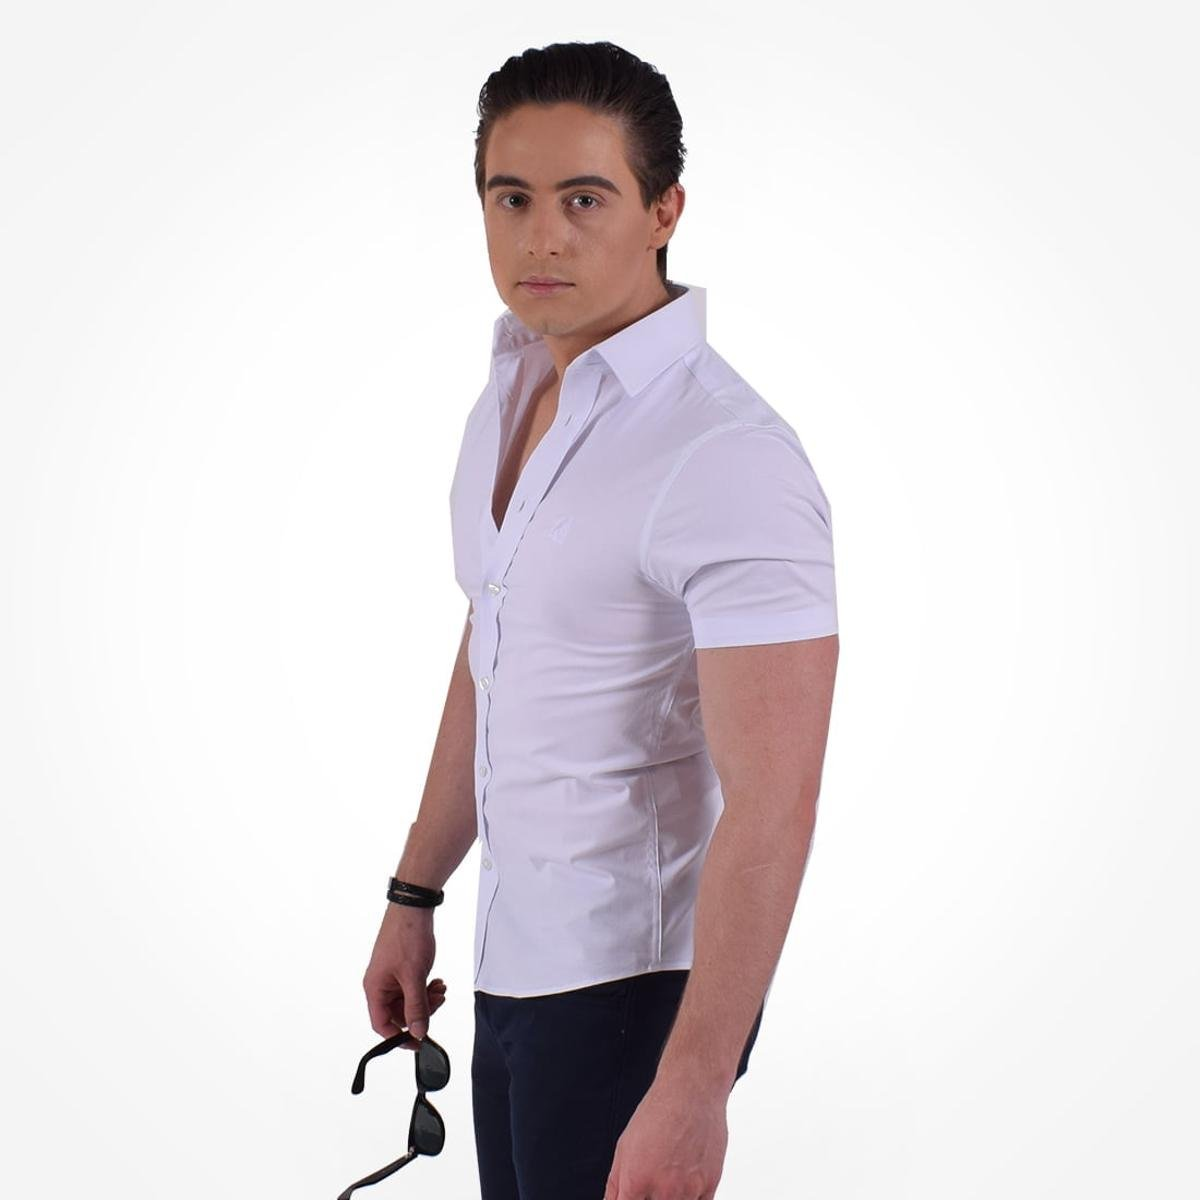 Camisa Horus Social Manga Curta Slim - Branco - Compre Agora  728e1c7a06a3c